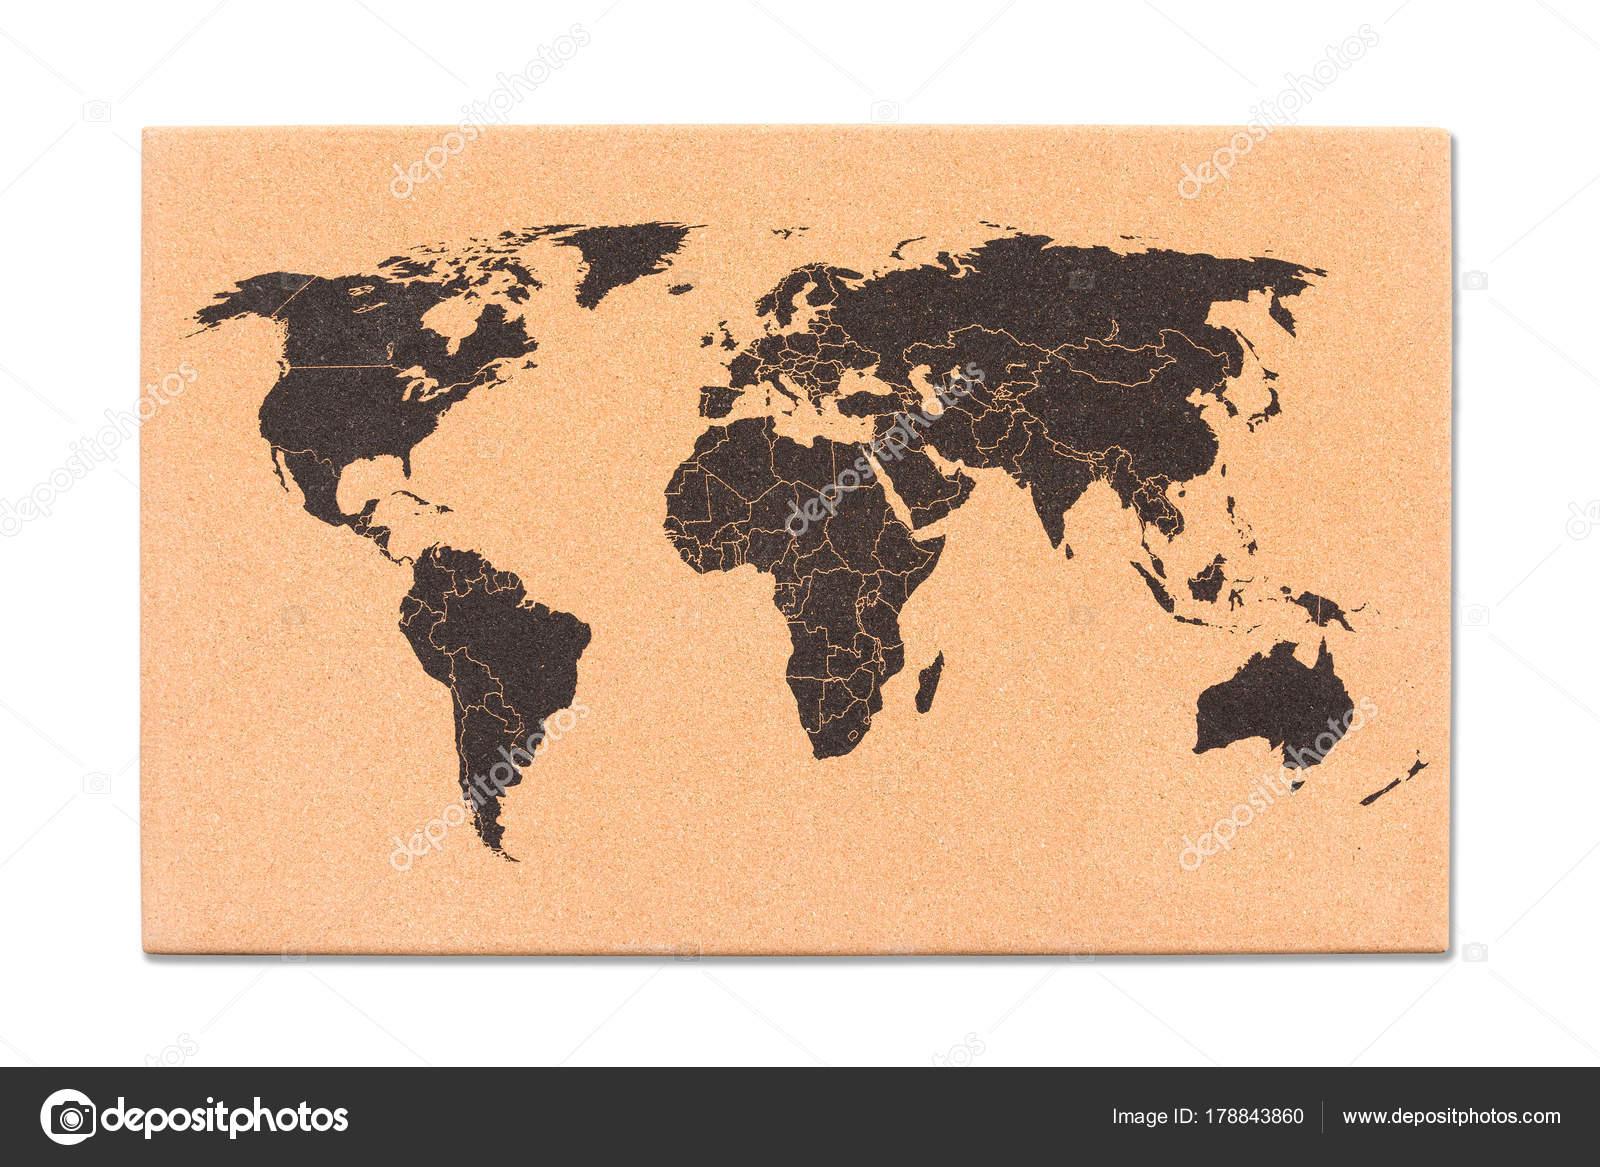 Weltkarte Auf Kork Tisch Struktur Stockfoto